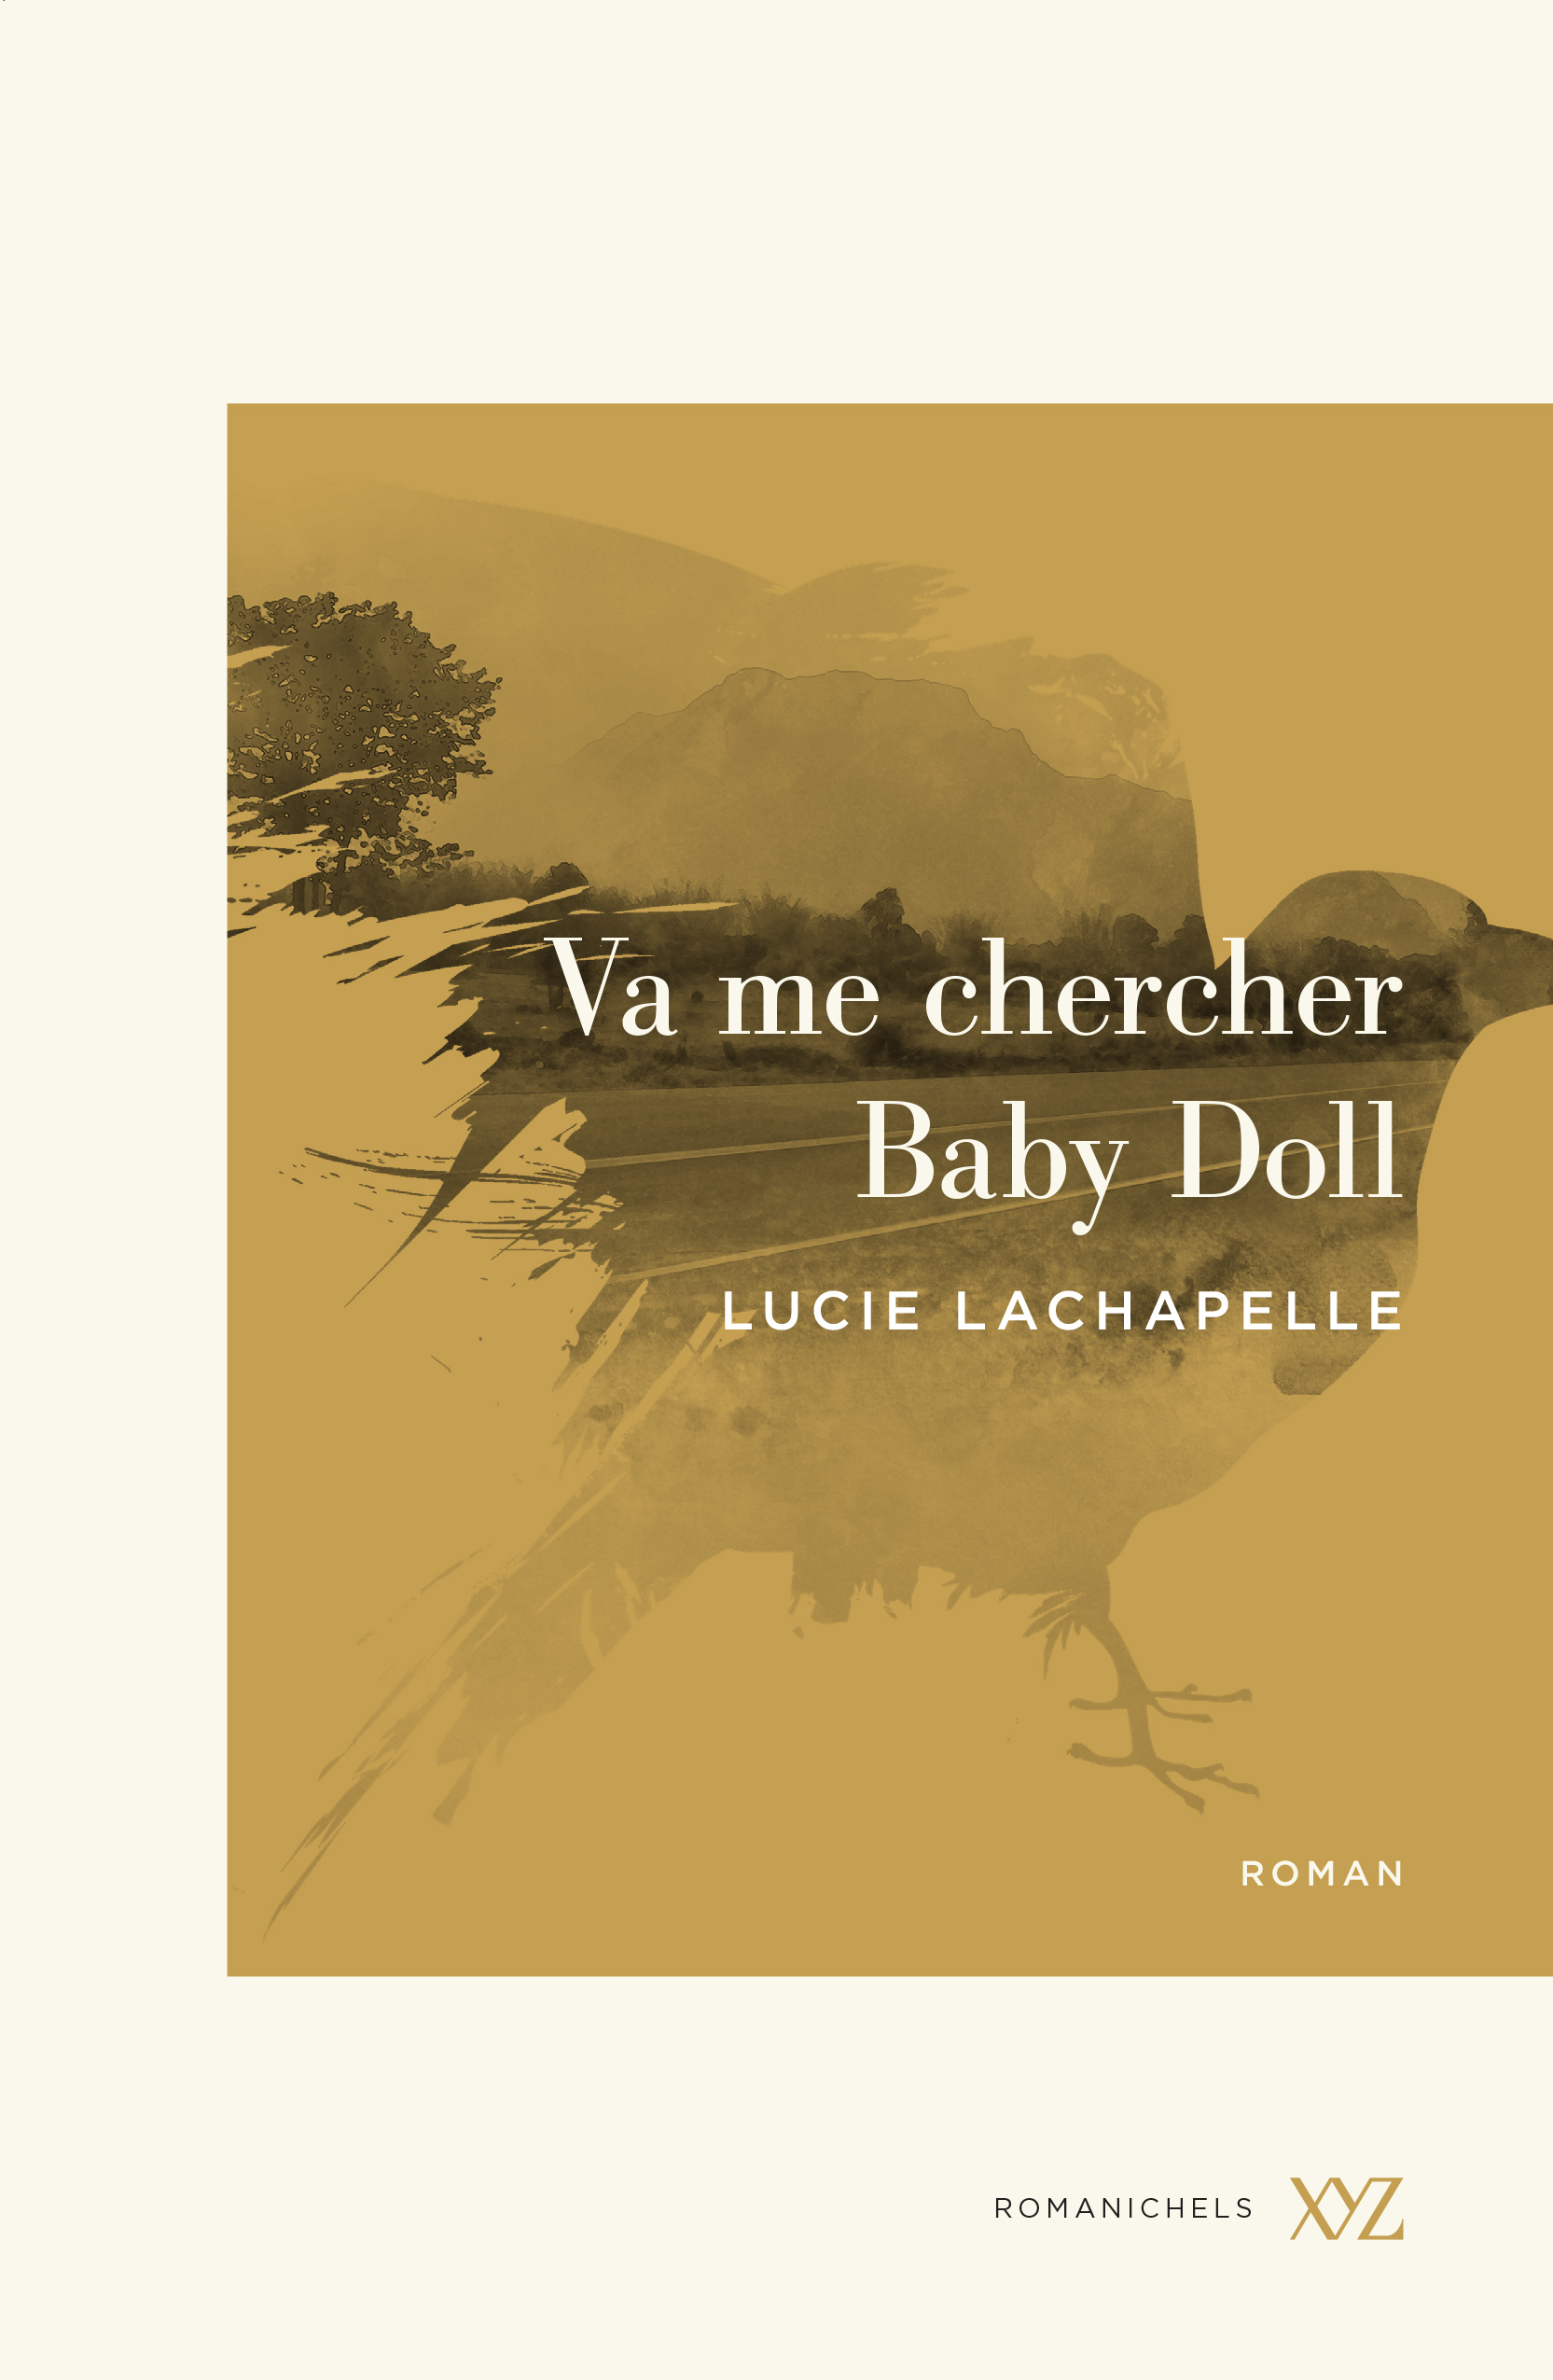 l'entrevue-éclair-avec-Lucie-Lachapelle-Va-me-chercher-baby-doll-XYZ-Bible-urbaine